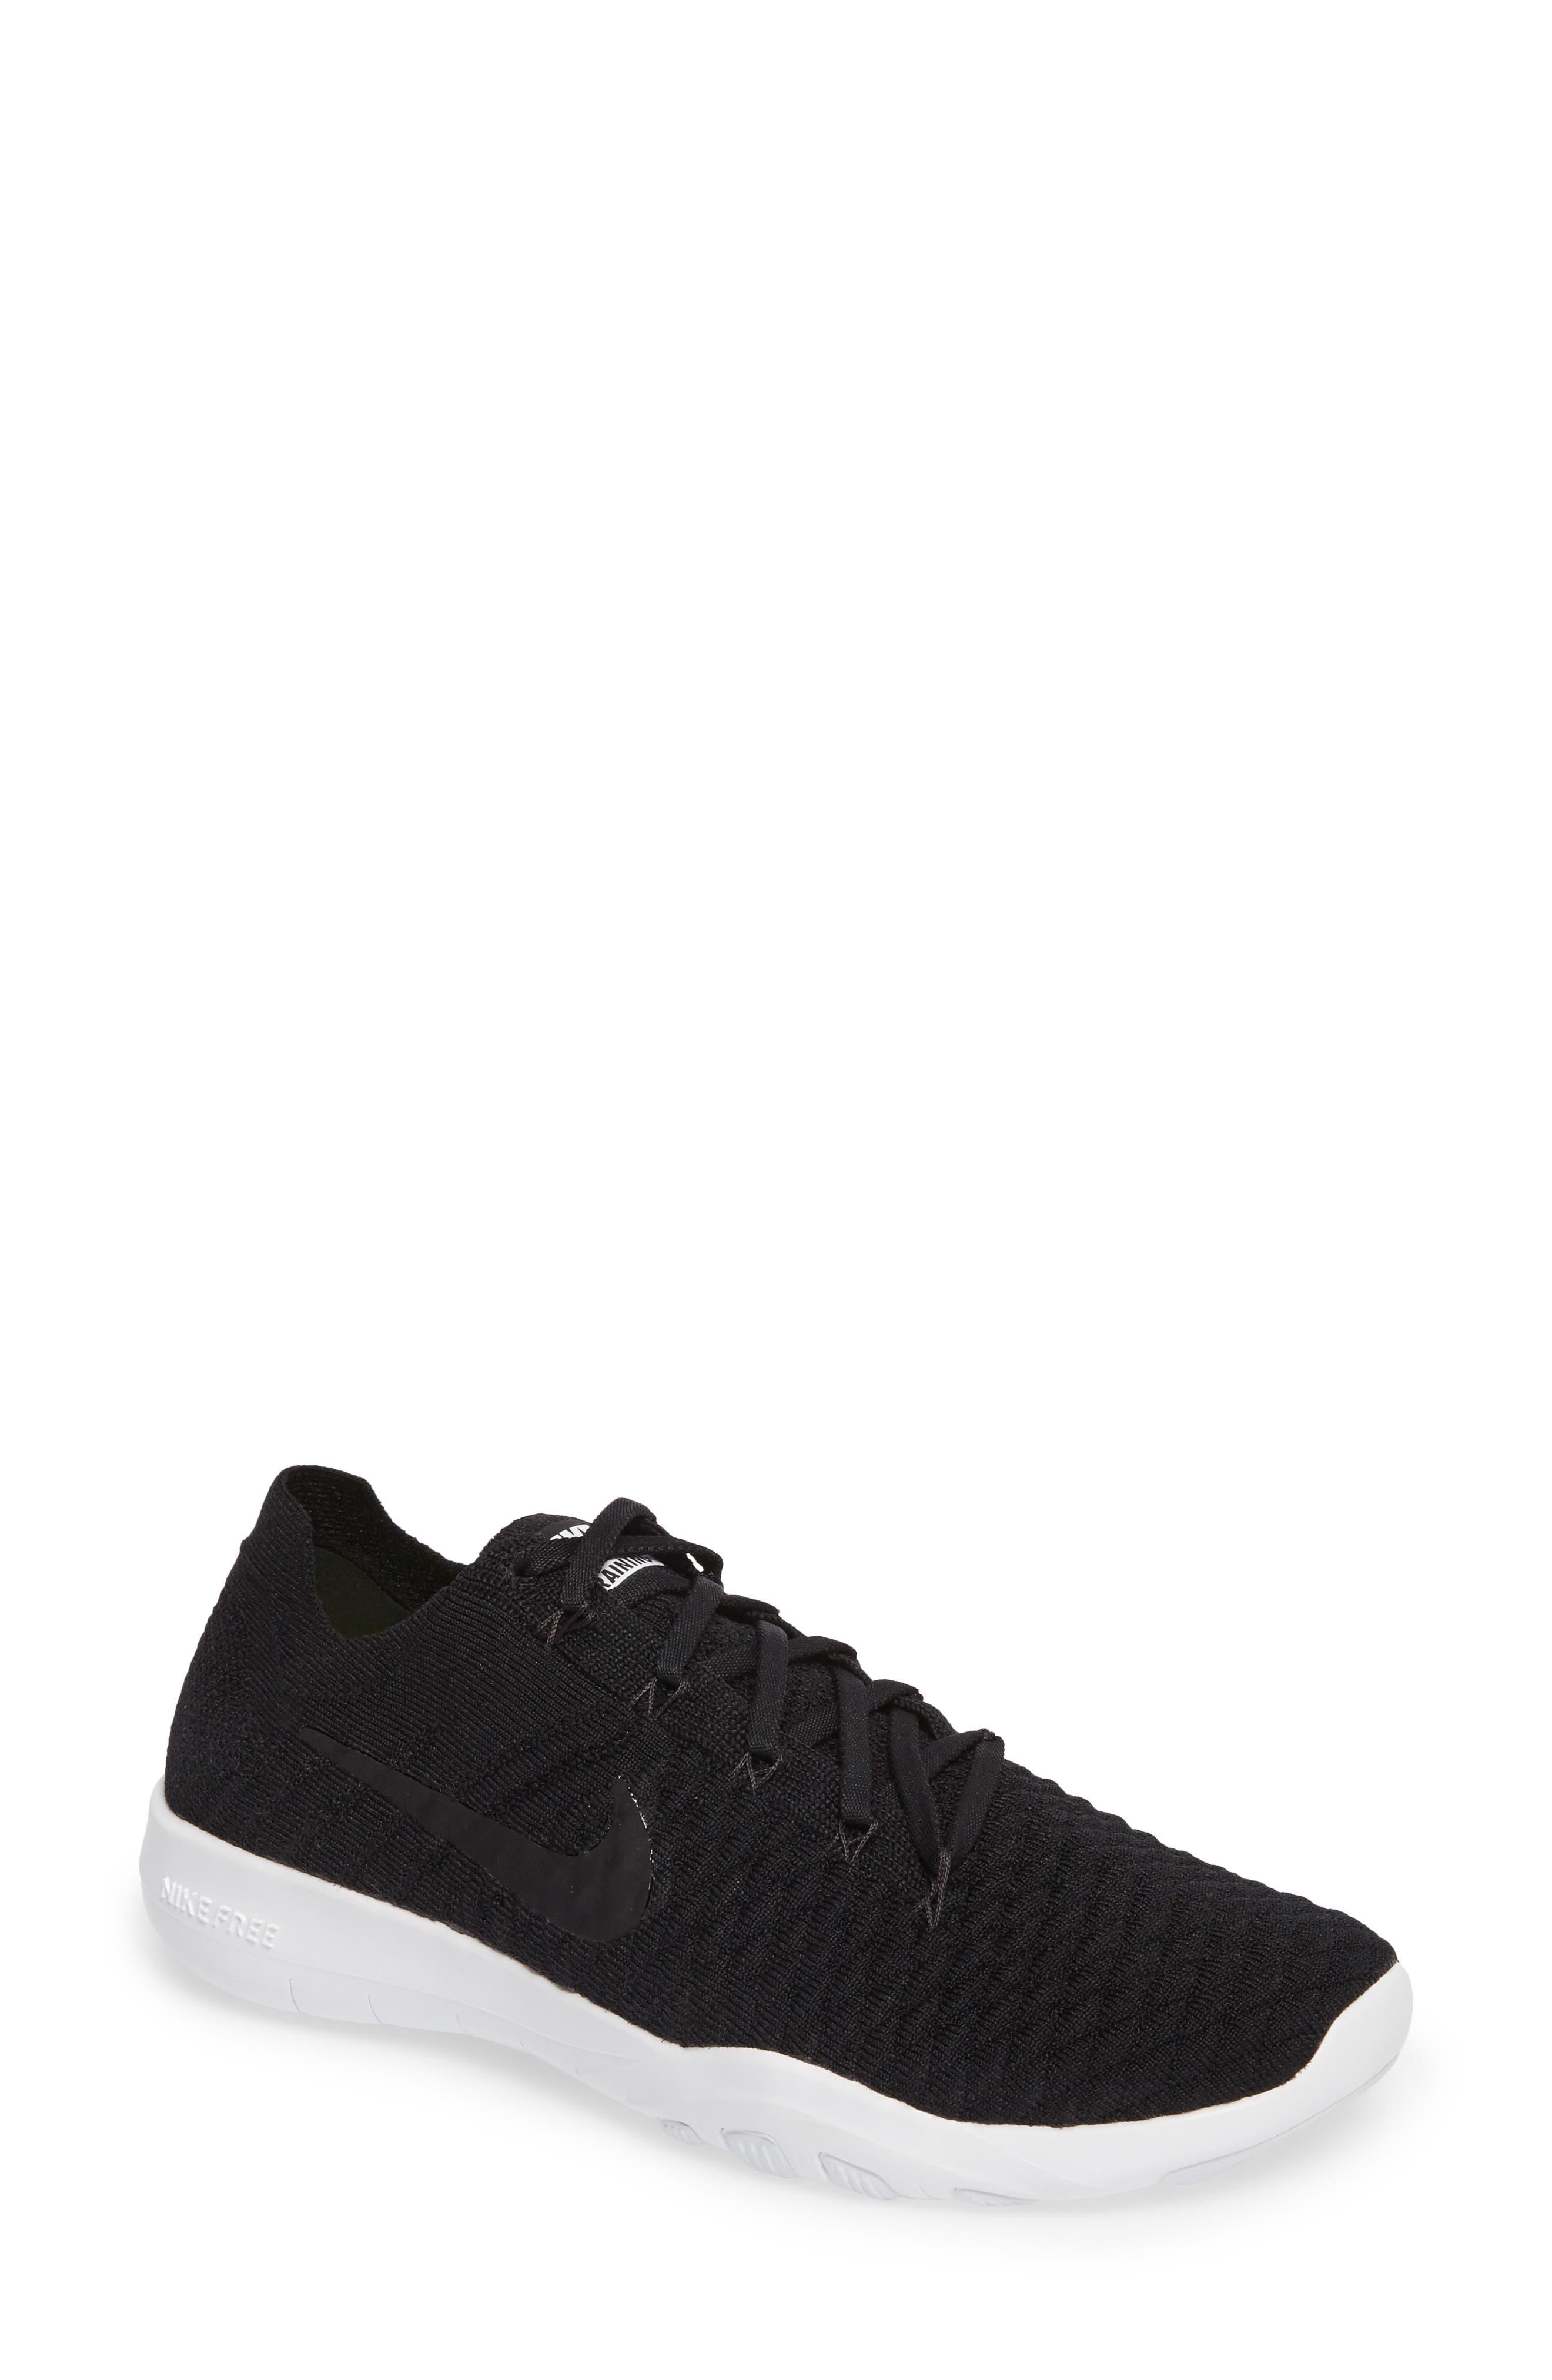 Free TR Flyknit 2 Training Shoe,                             Main thumbnail 1, color,                             Black/ Black/ White